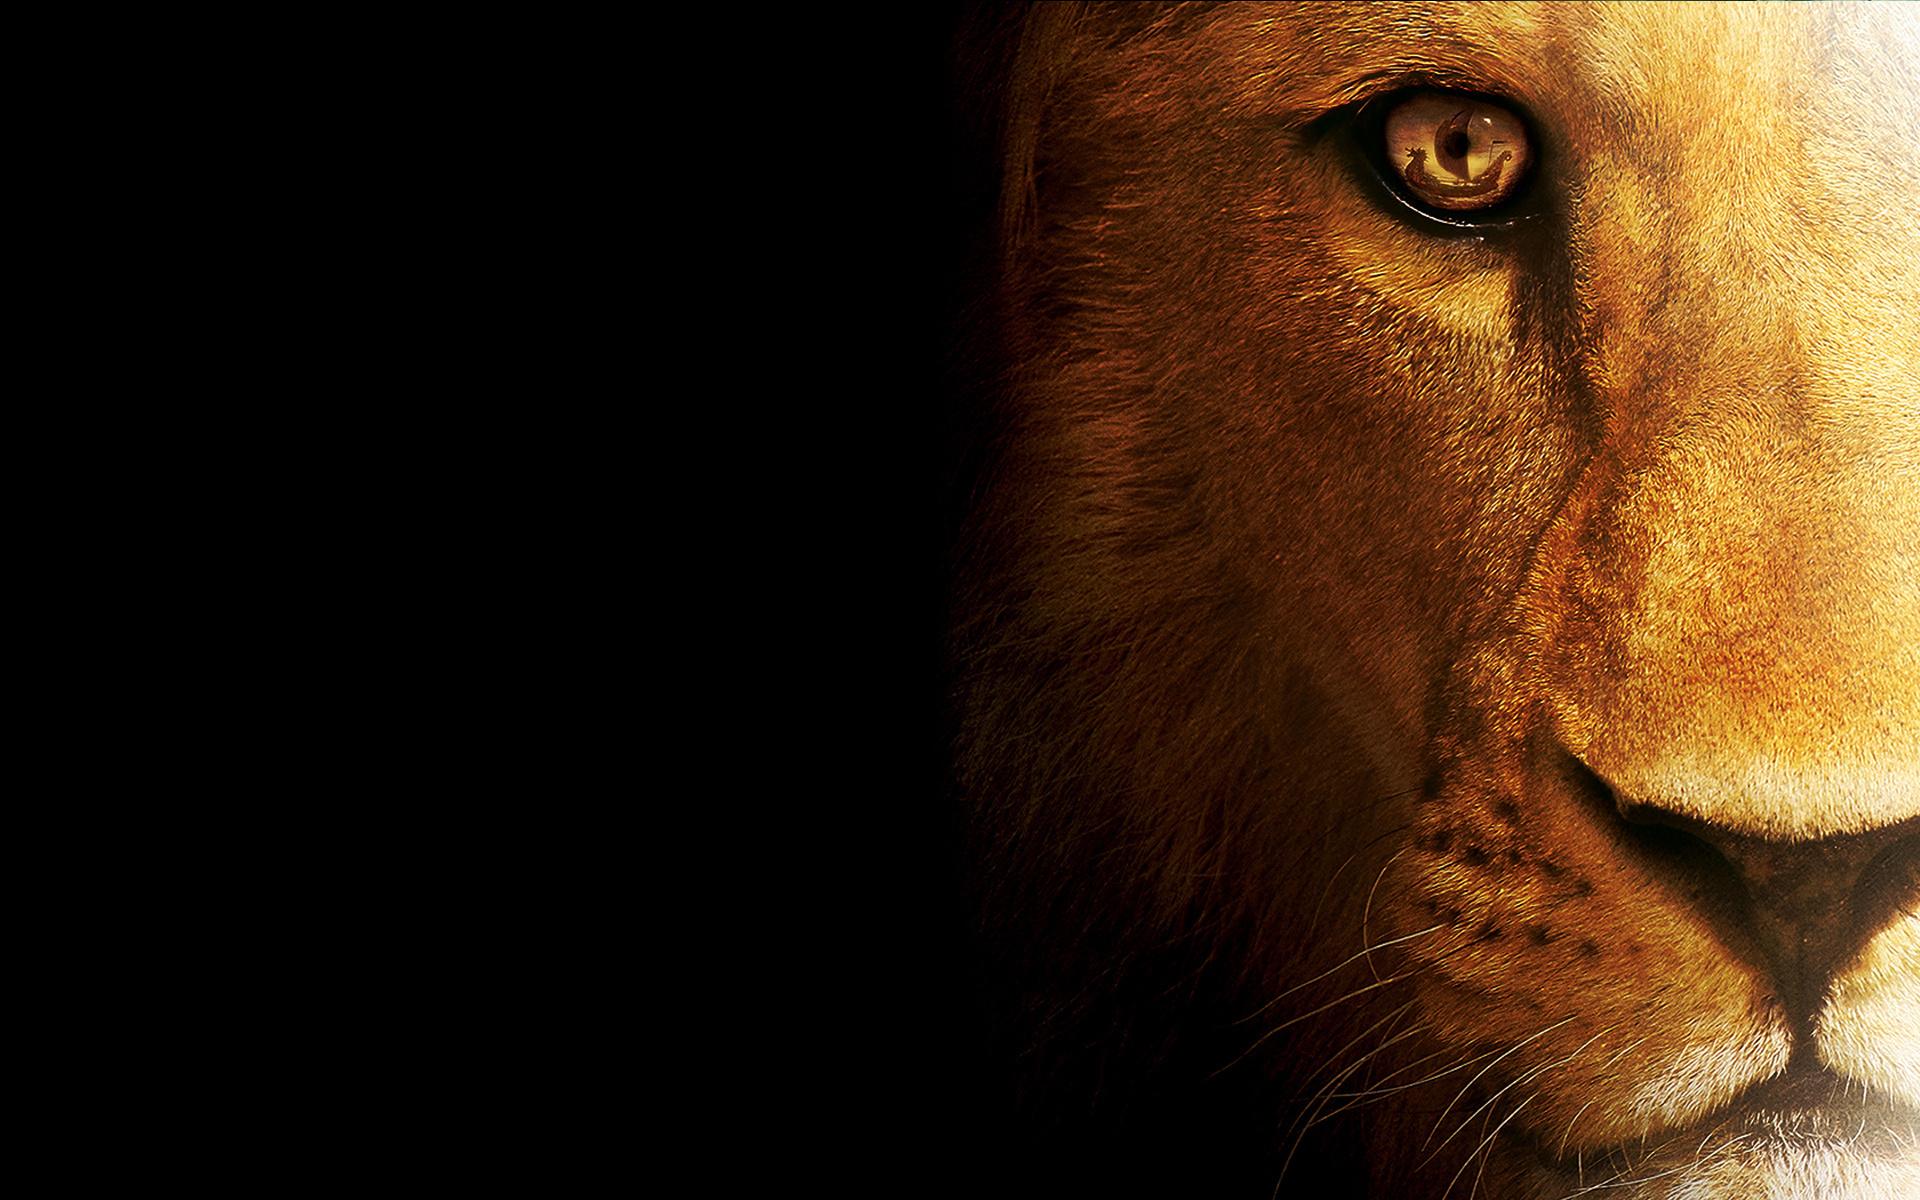 Hd wallpaper lion - Hd Wallpaper Lion 47